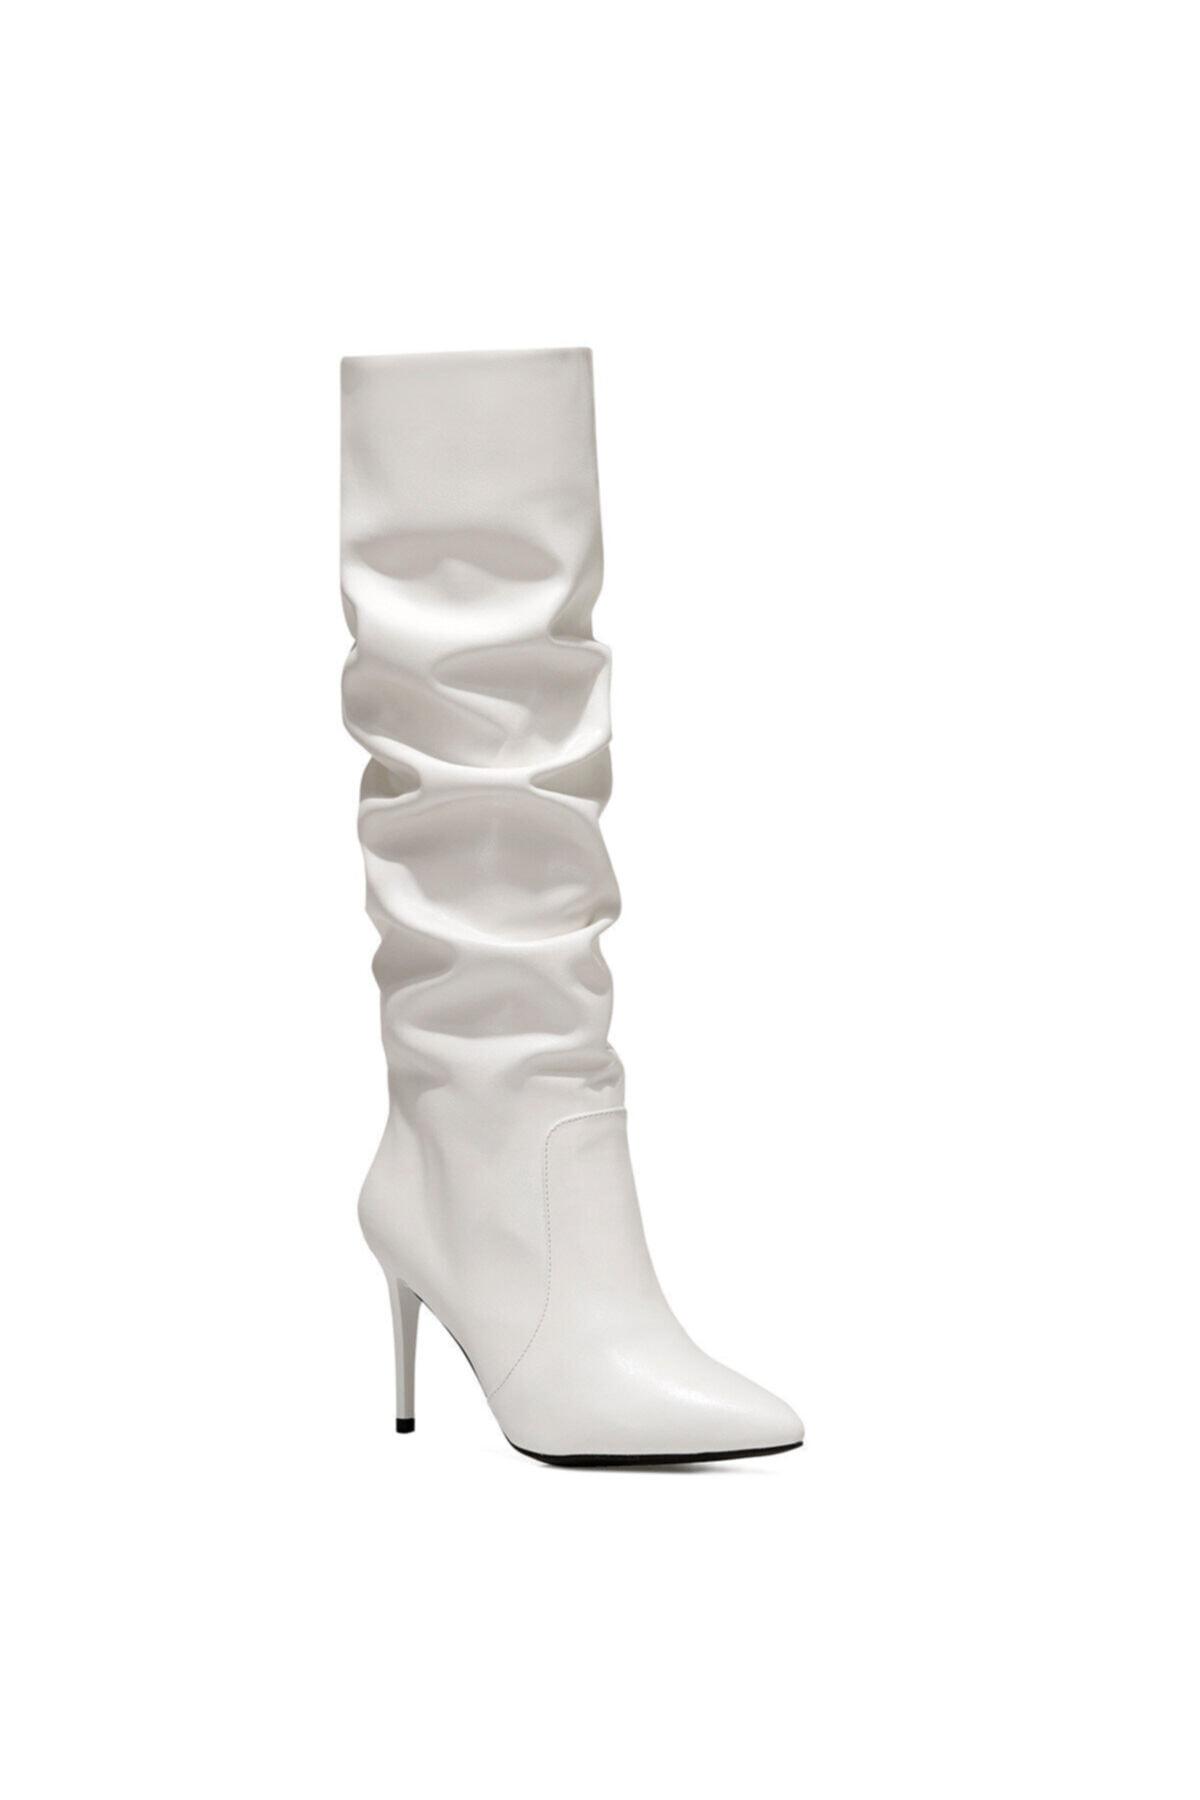 Nine West PINTO Beyaz Kadın Ökçeli Çizme 100582068 2